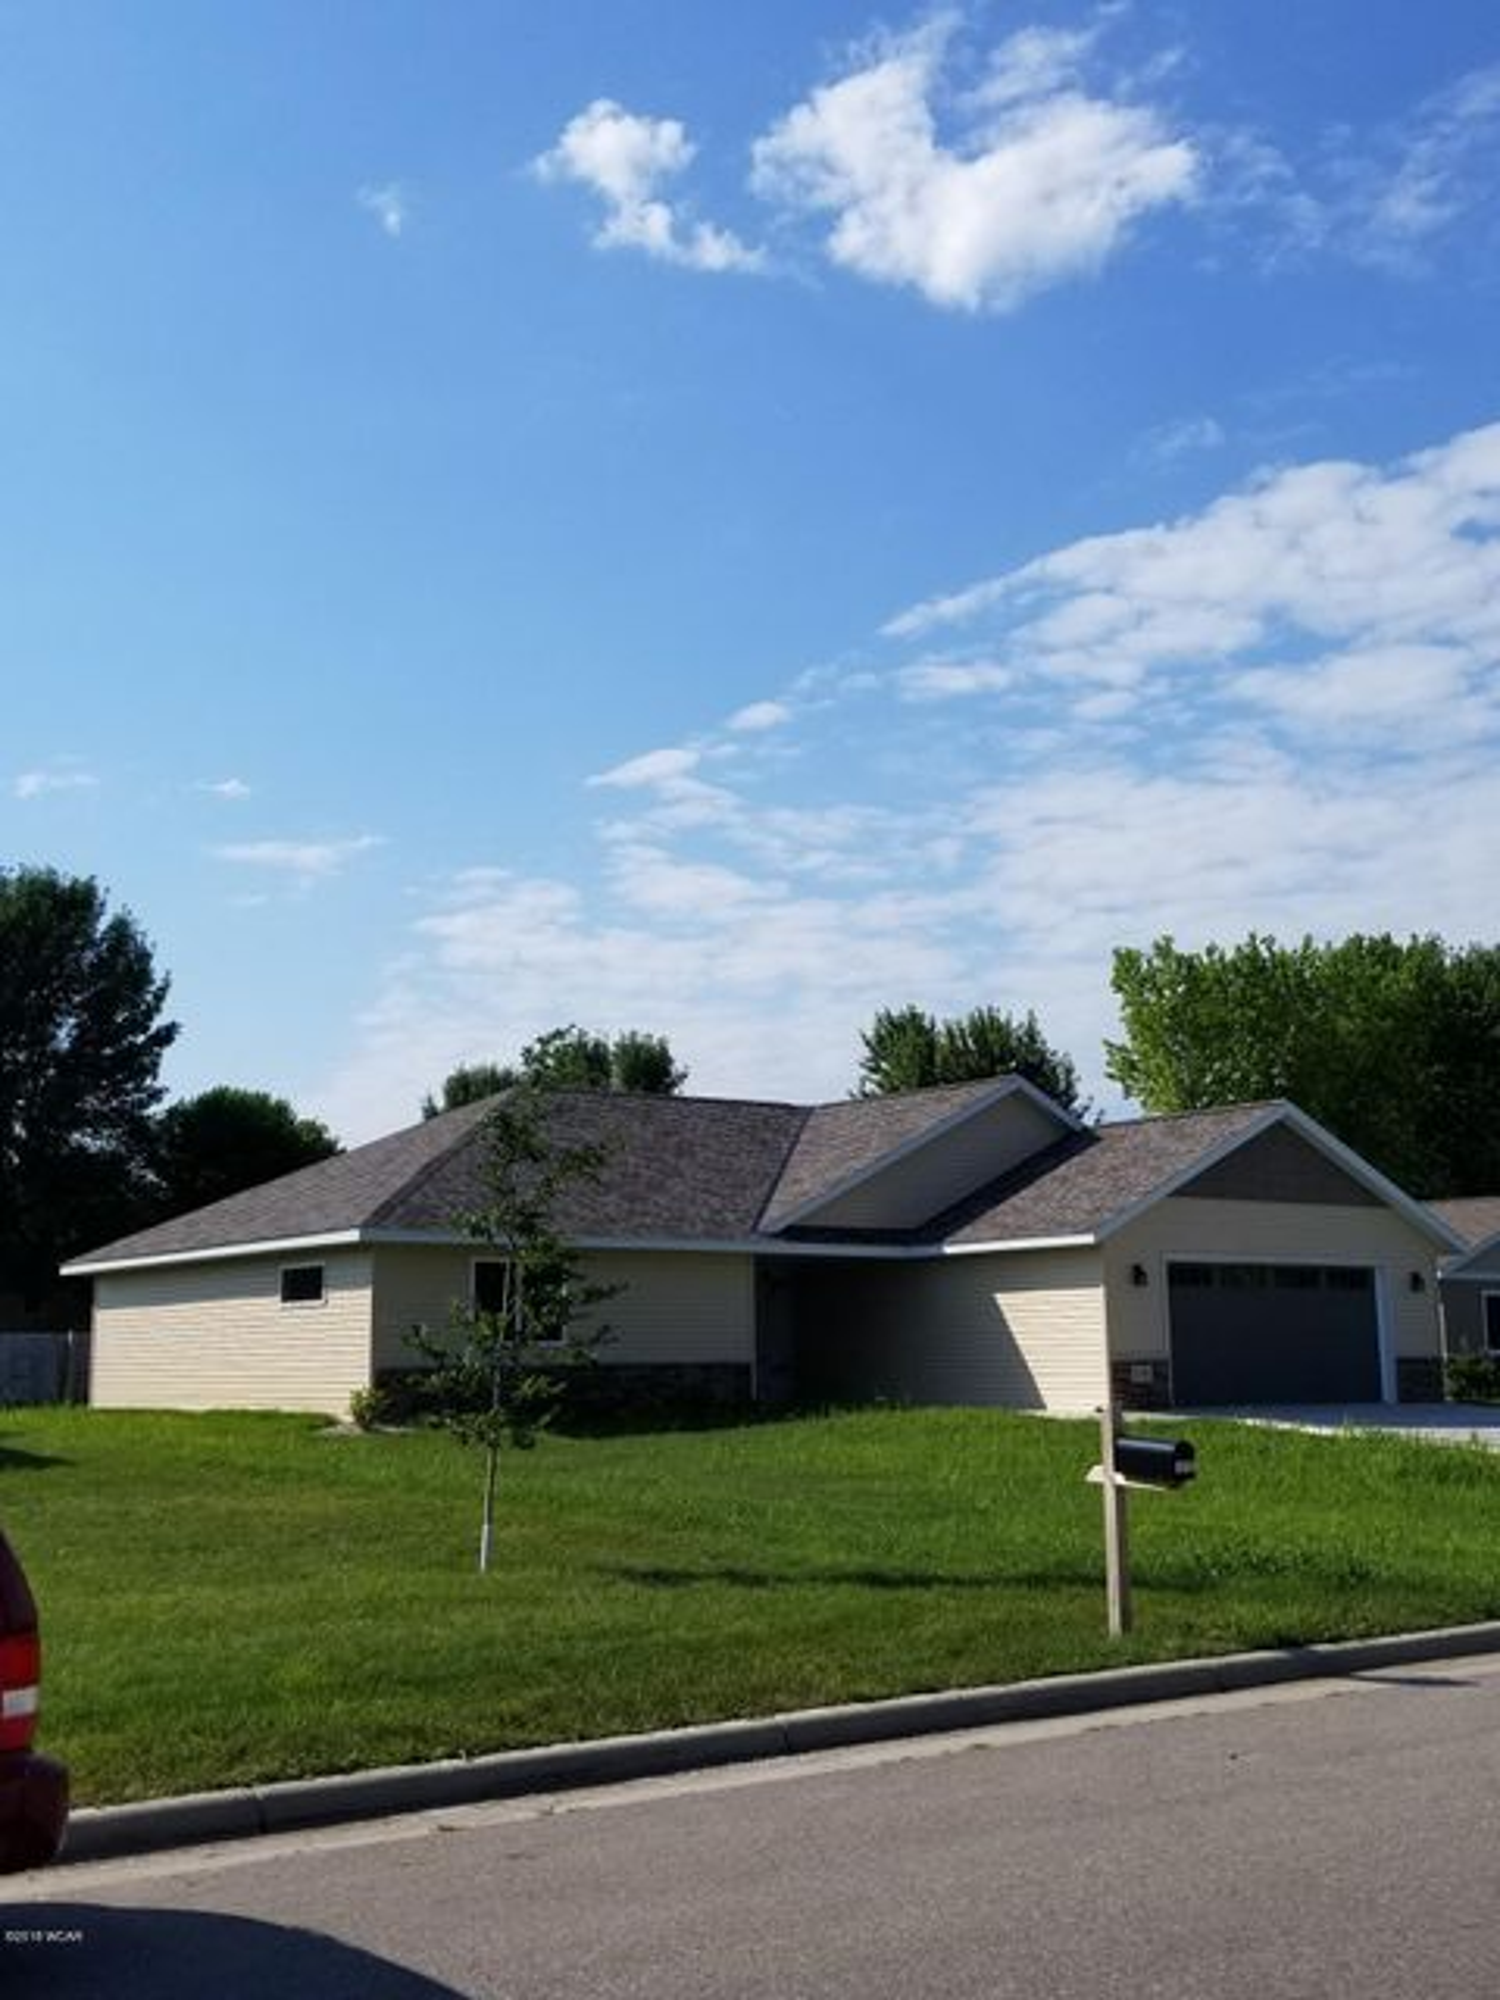 1208 Pleasant View Drive,Willmar,3 Bedrooms Bedrooms,2 BathroomsBathrooms,Single Family,Pleasant View Drive,6030997